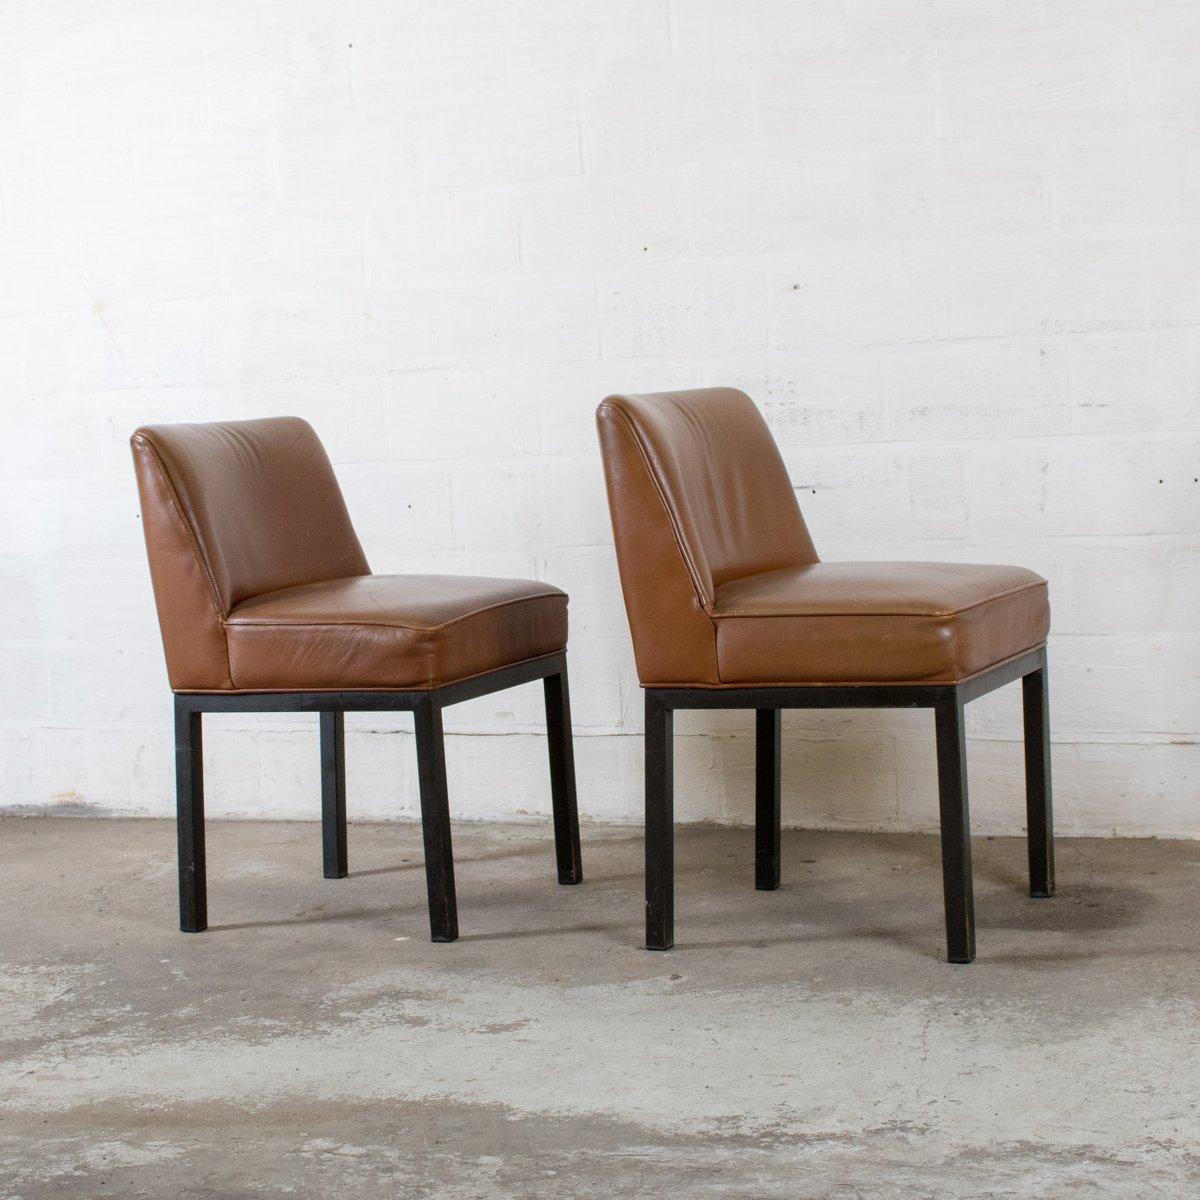 louise st hle von jules wabbes f r mobilier universel 1960er 2er set bei pamono kaufen. Black Bedroom Furniture Sets. Home Design Ideas